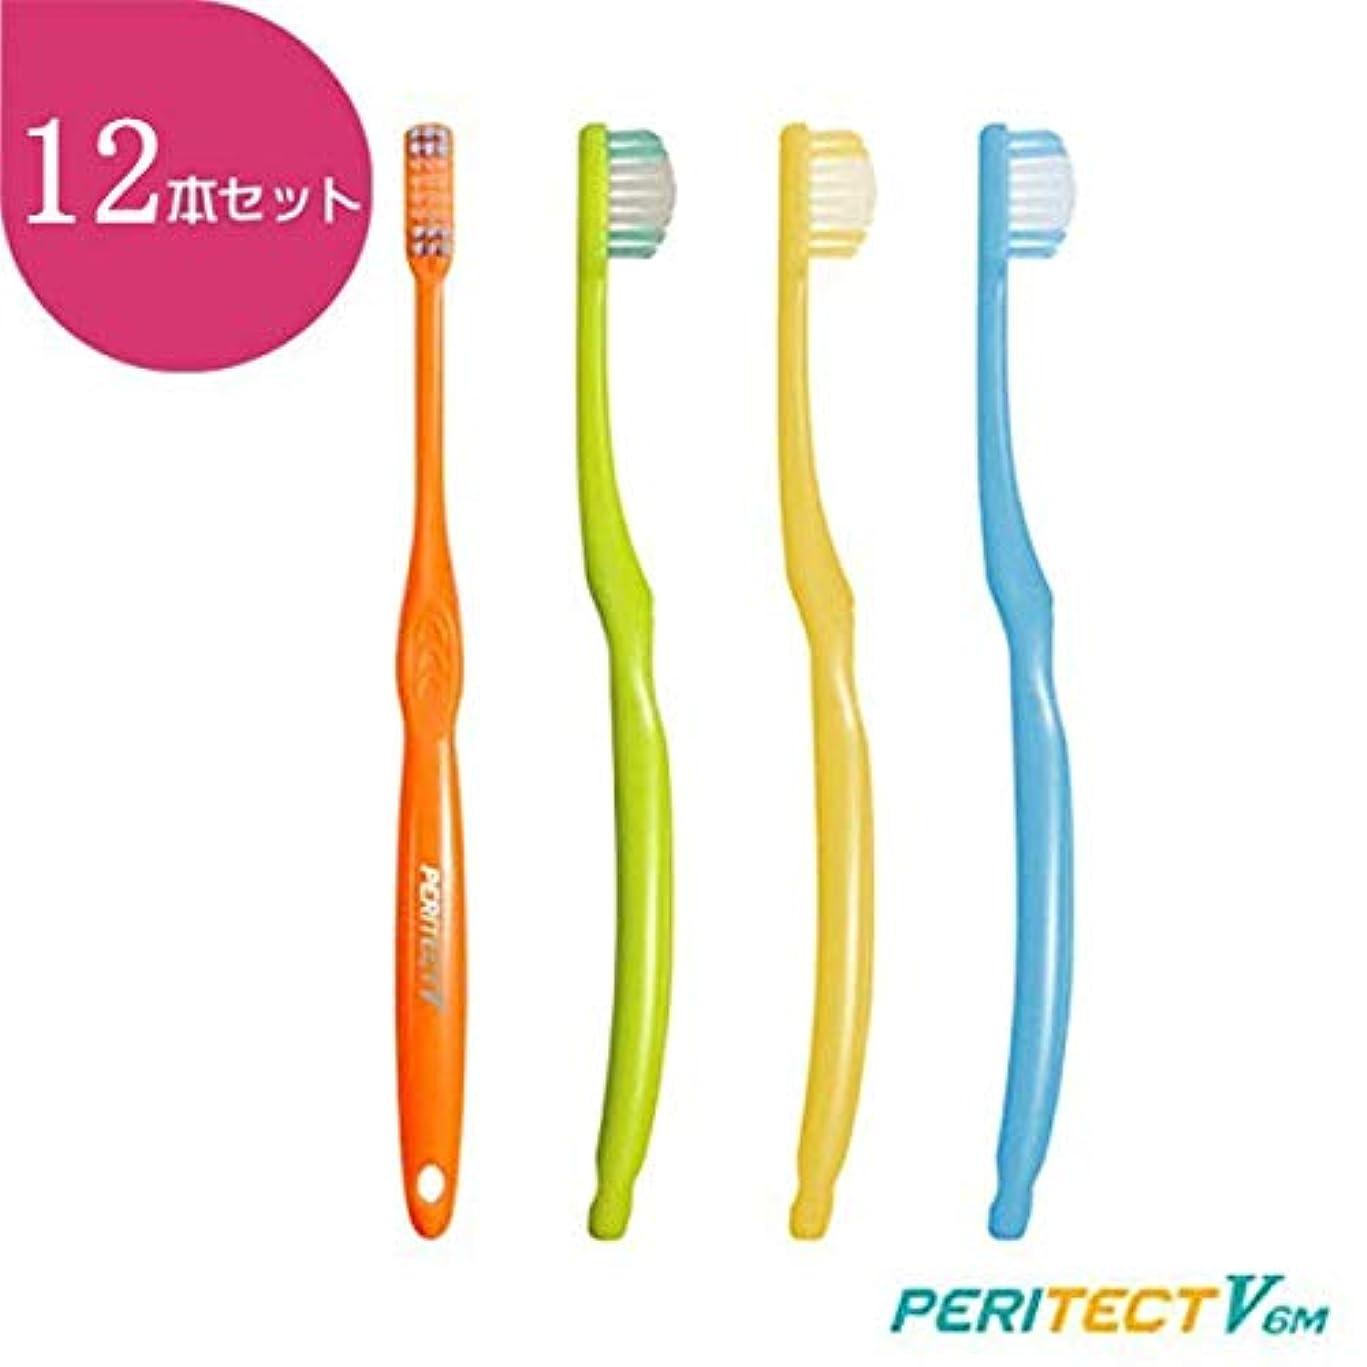 改修する平凡寛大なビーブランド PERITECT V ペリテクト ブイ 6M(やわらかめ)×12本 歯ブラシ 歯科専売品